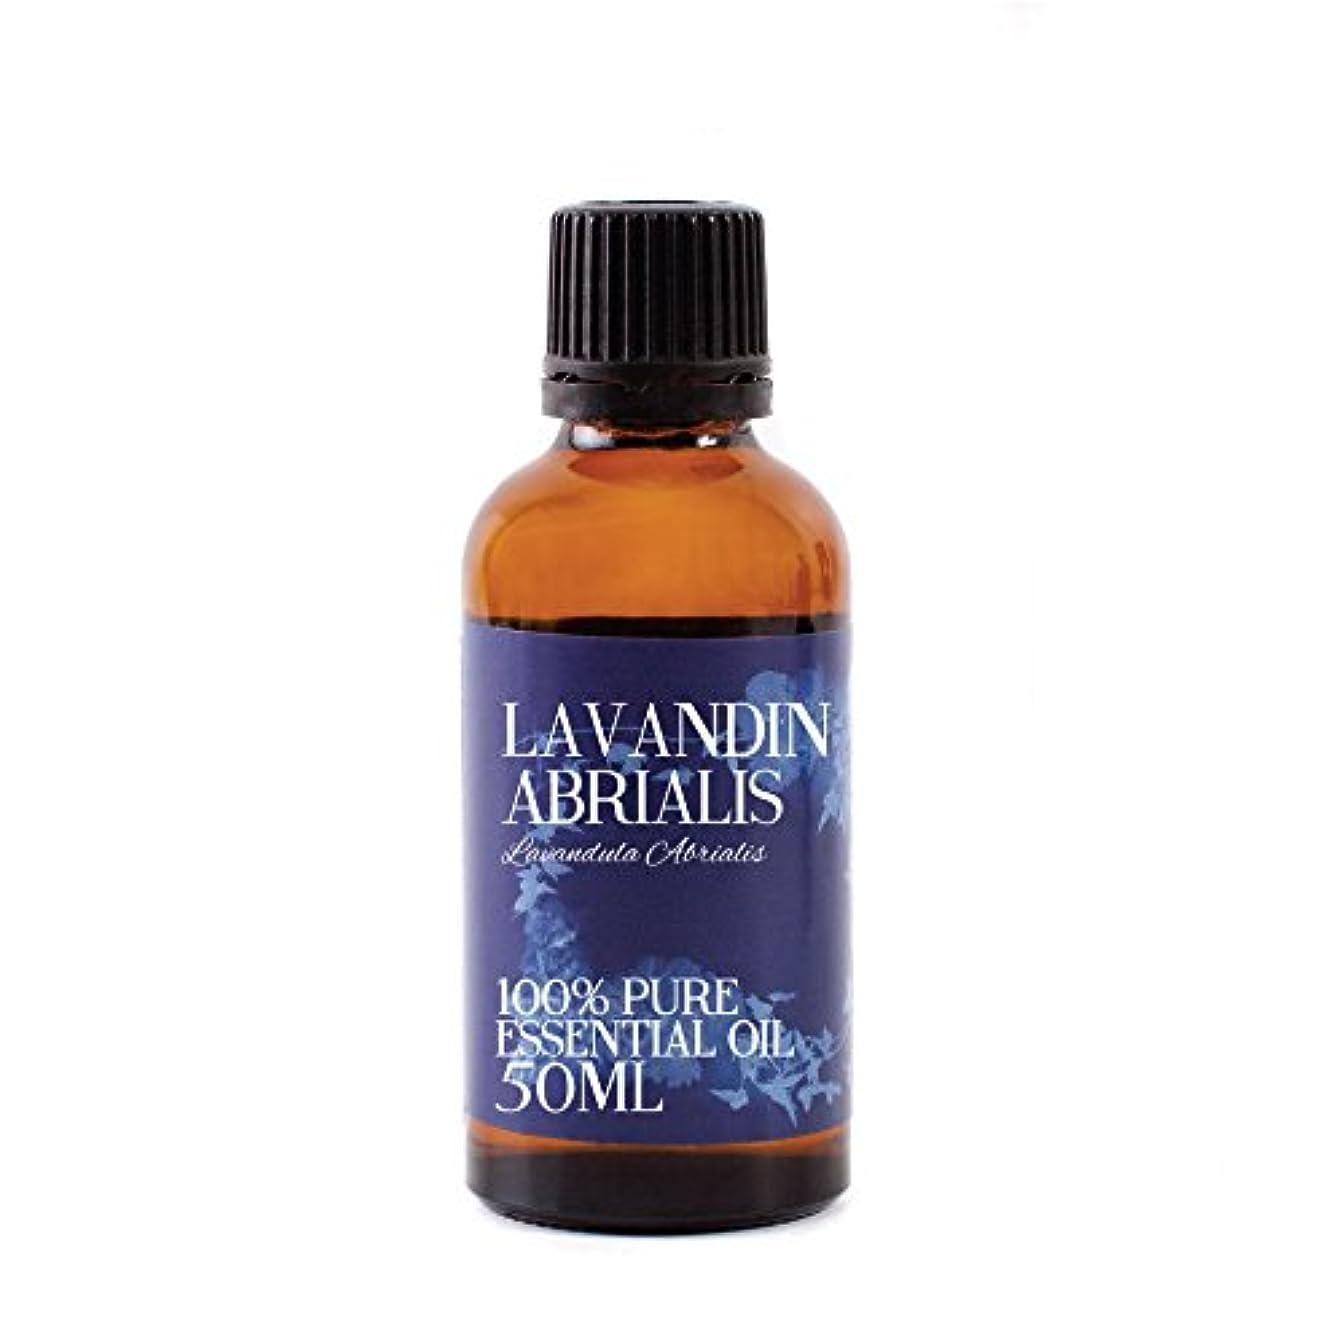 宇宙障害セントMystic Moments   Lavandin Abrialis Essential Oil - 50ml - 100% Pure